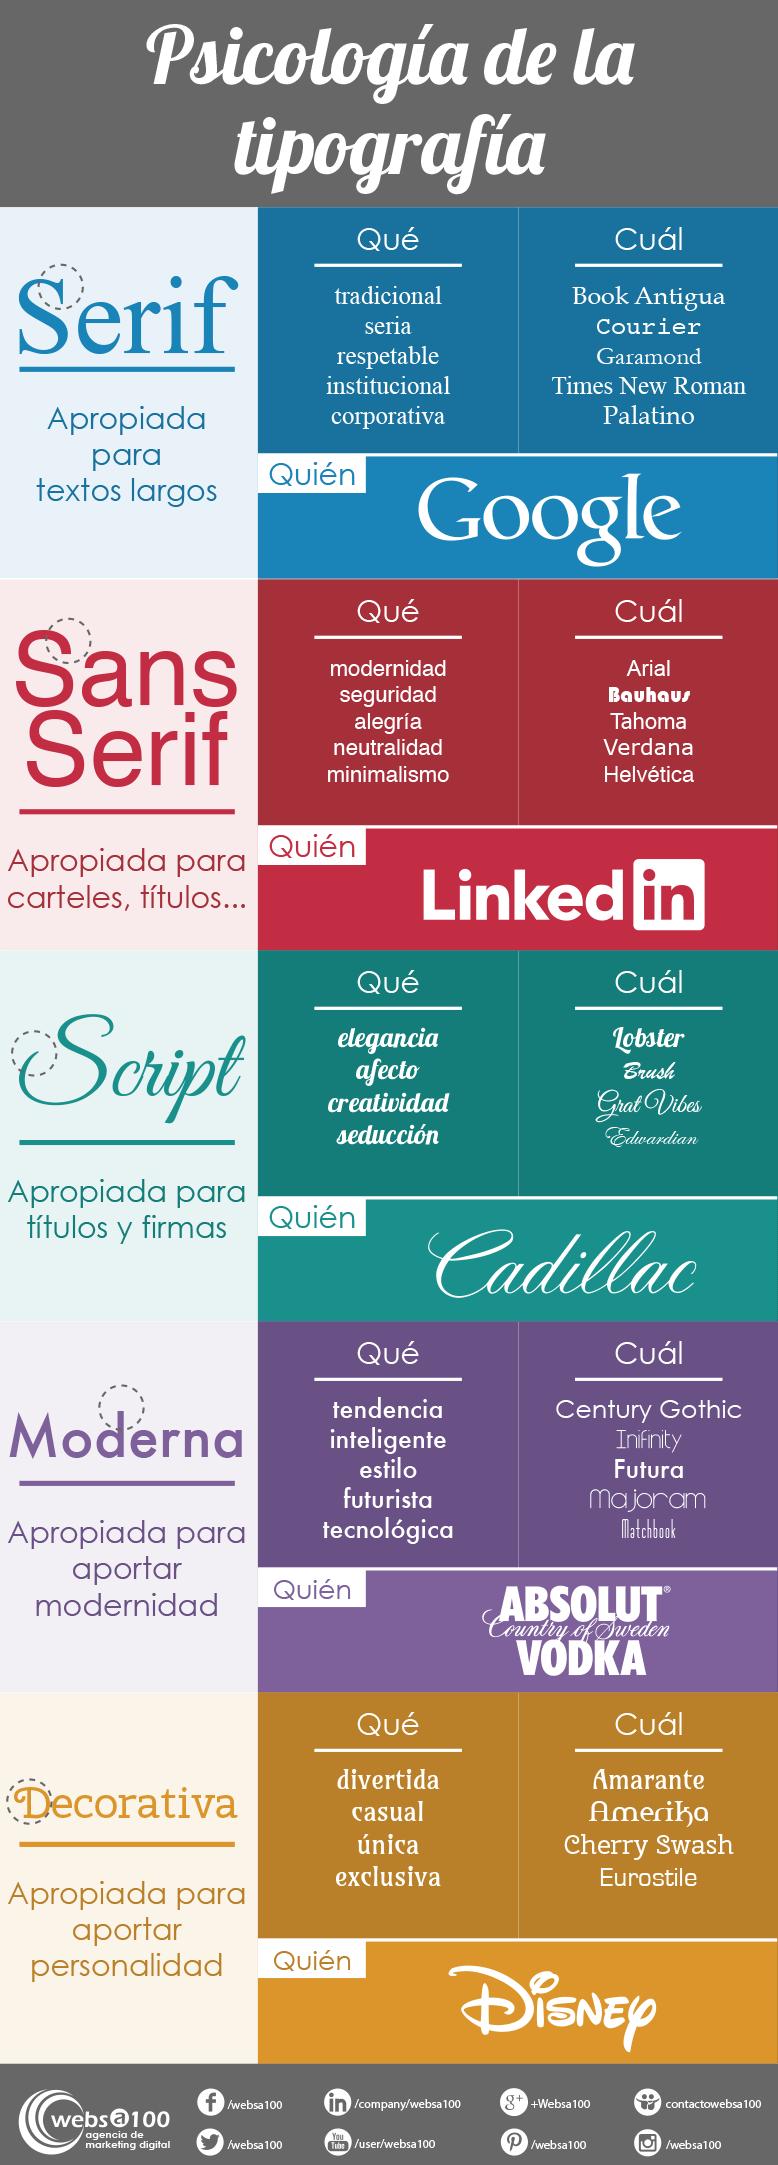 Infografía sobre la psicología de la tipografía